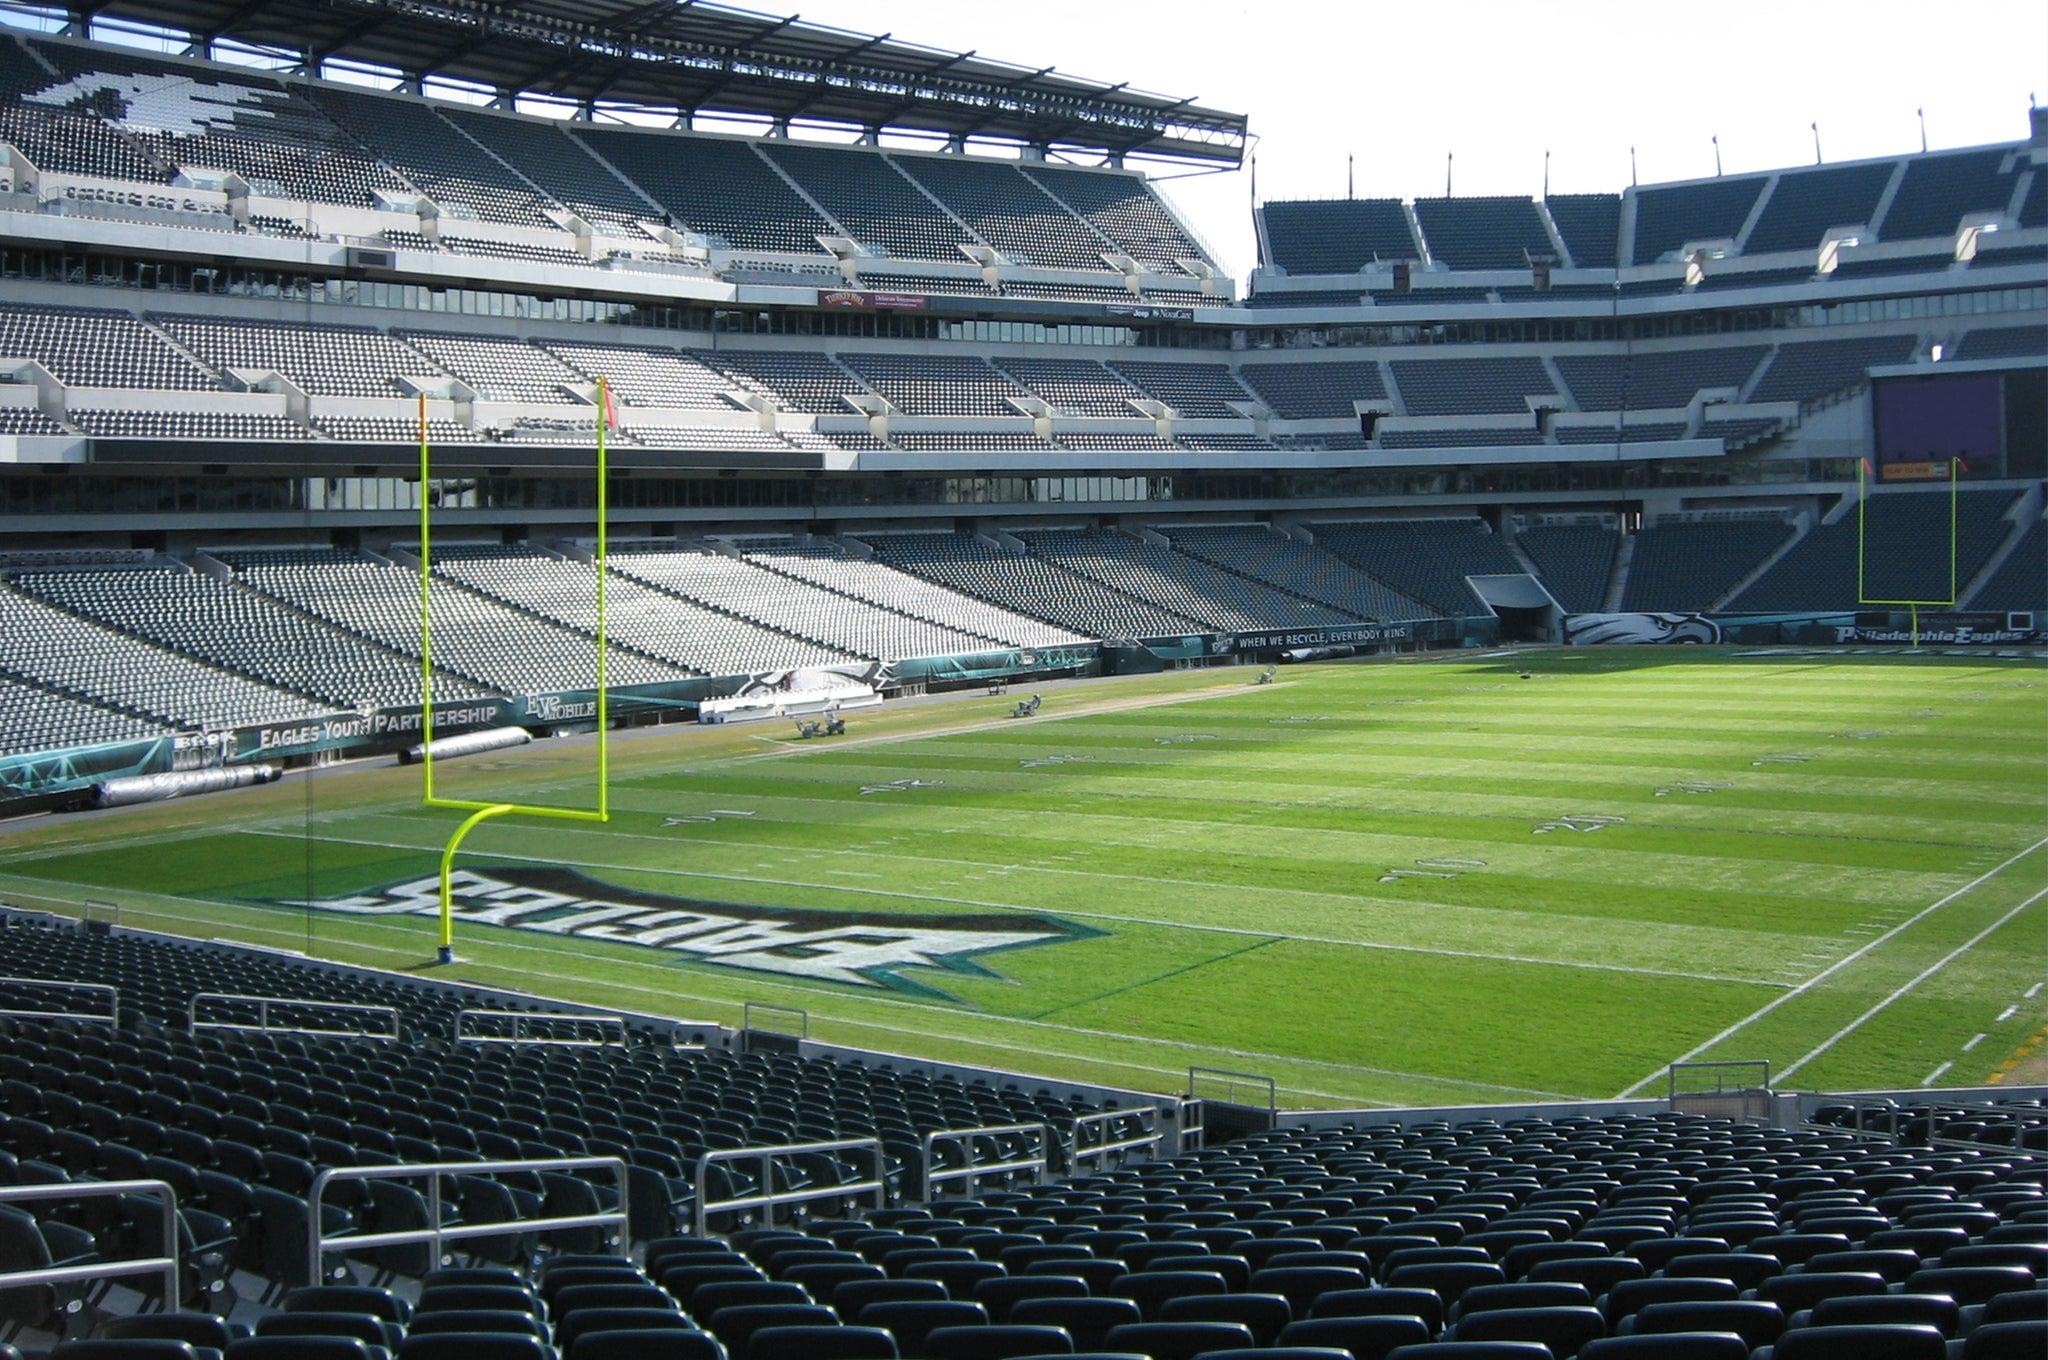 philadelphia eagles' football field